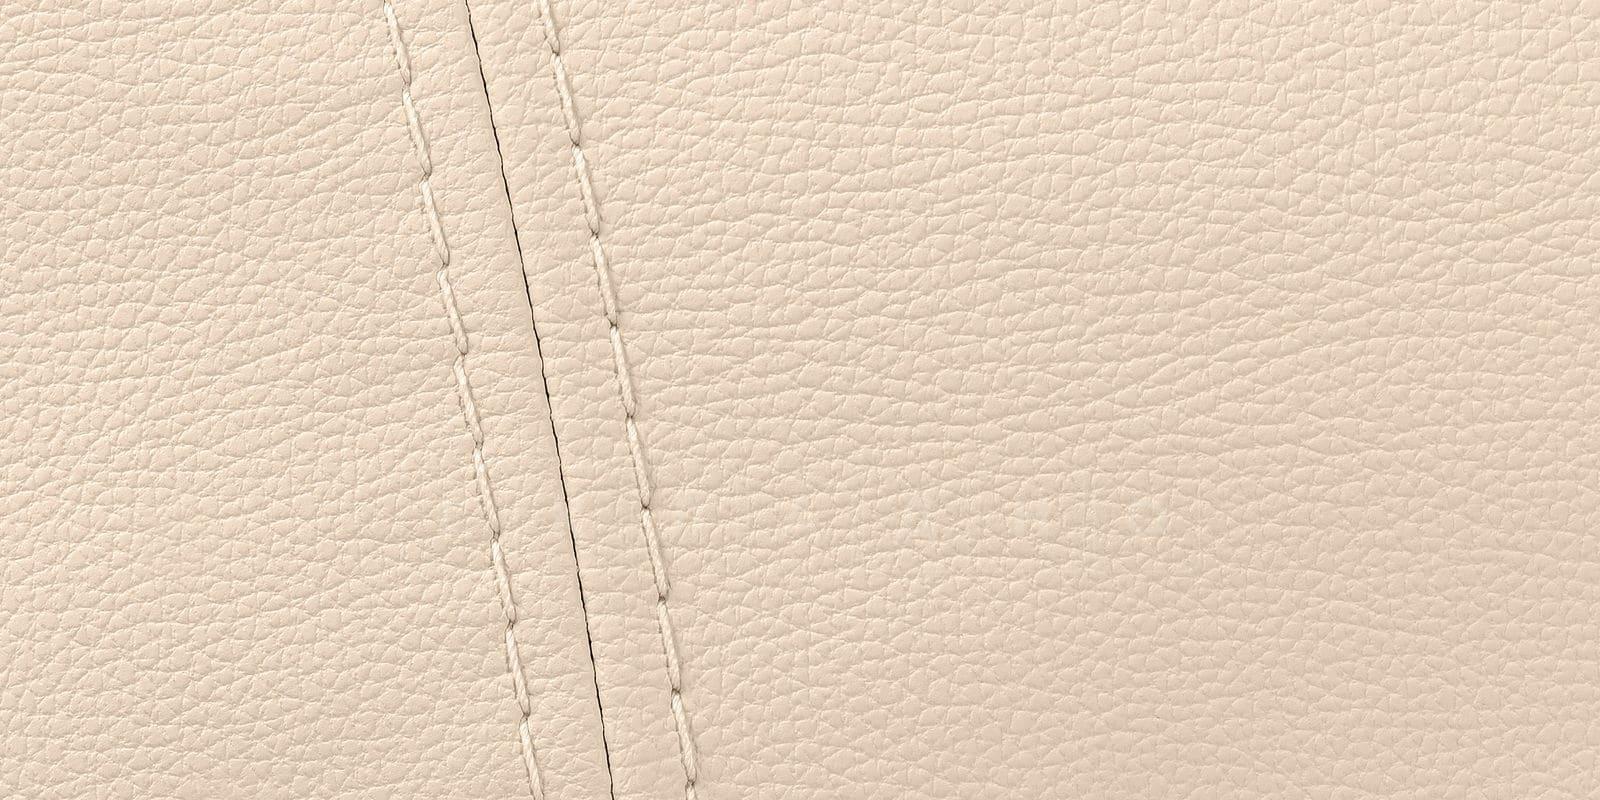 Диван угловой Бристоль кожаный бежевого цвета правый угол фото 9 | интернет-магазин Складно